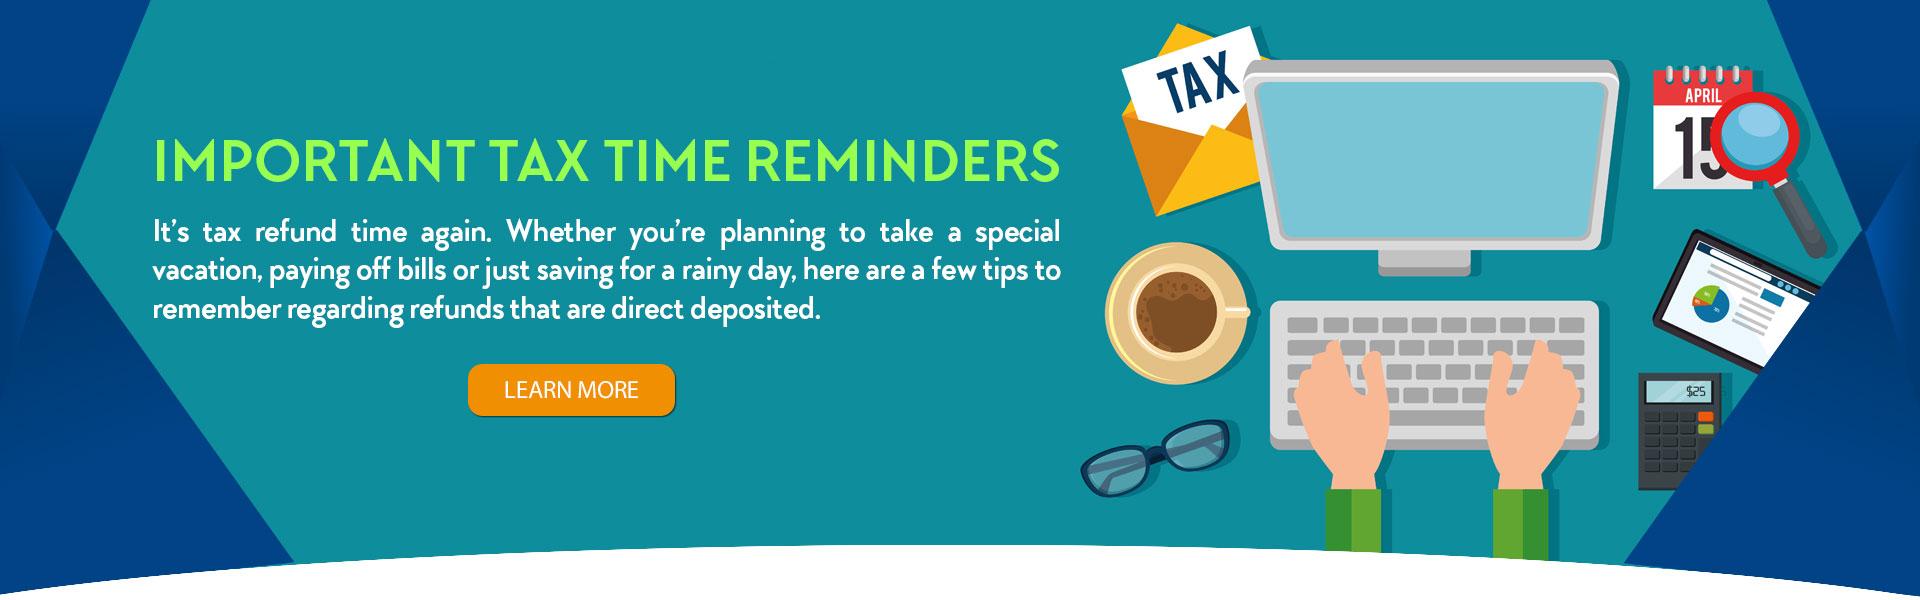 Tax reminders